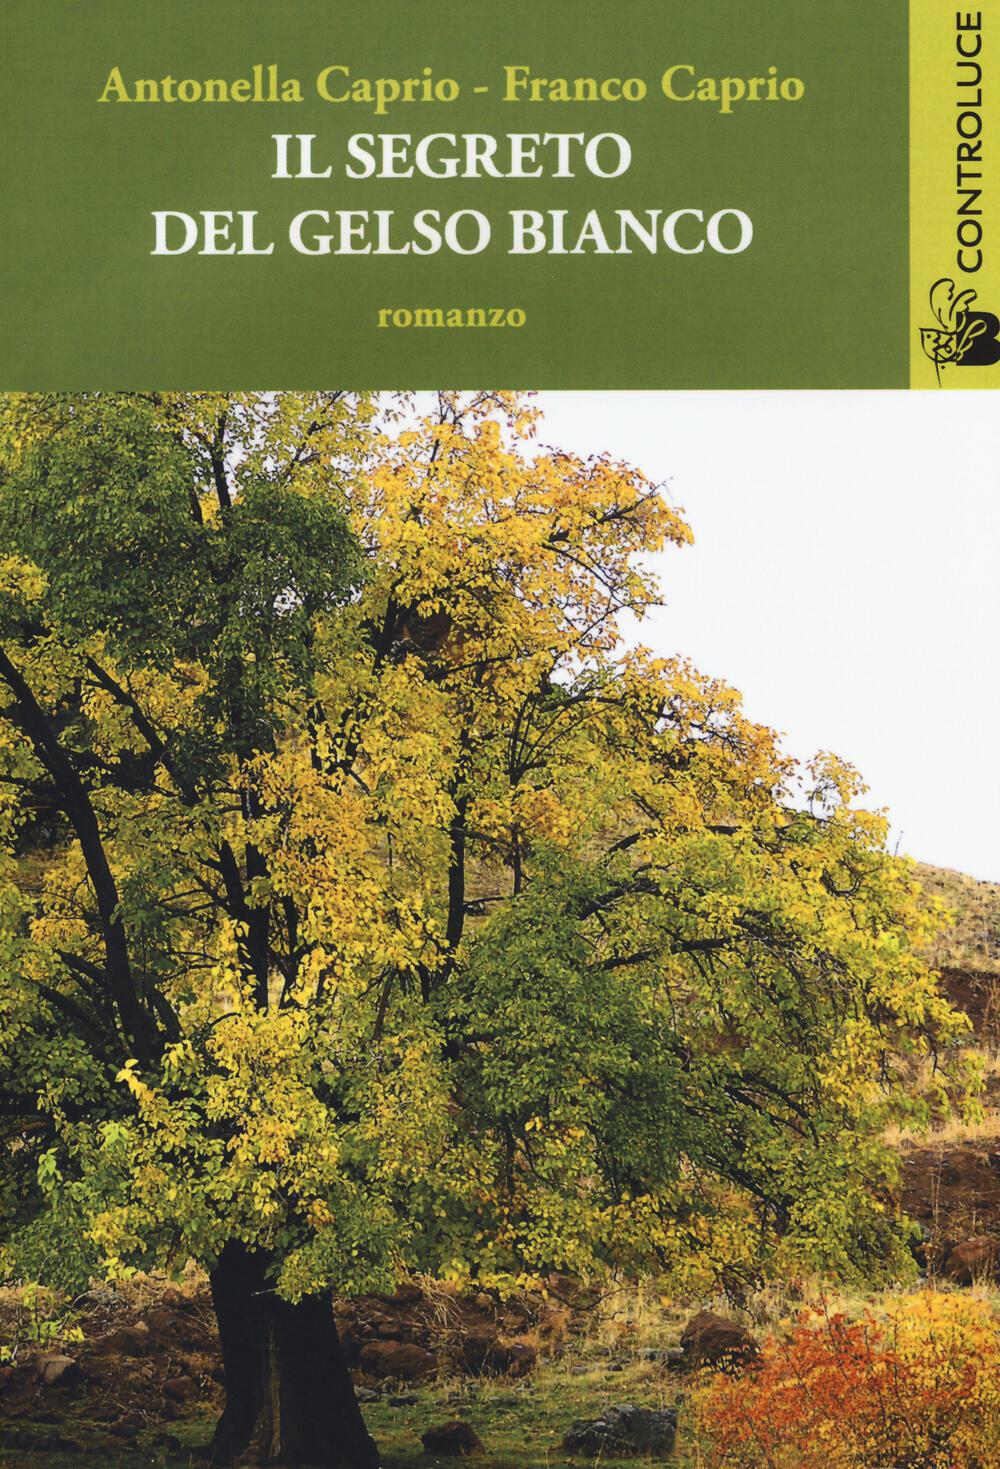 Il segreto del gelso bianco antonella caprio franco - Il giardino segreto banana yoshimoto ...